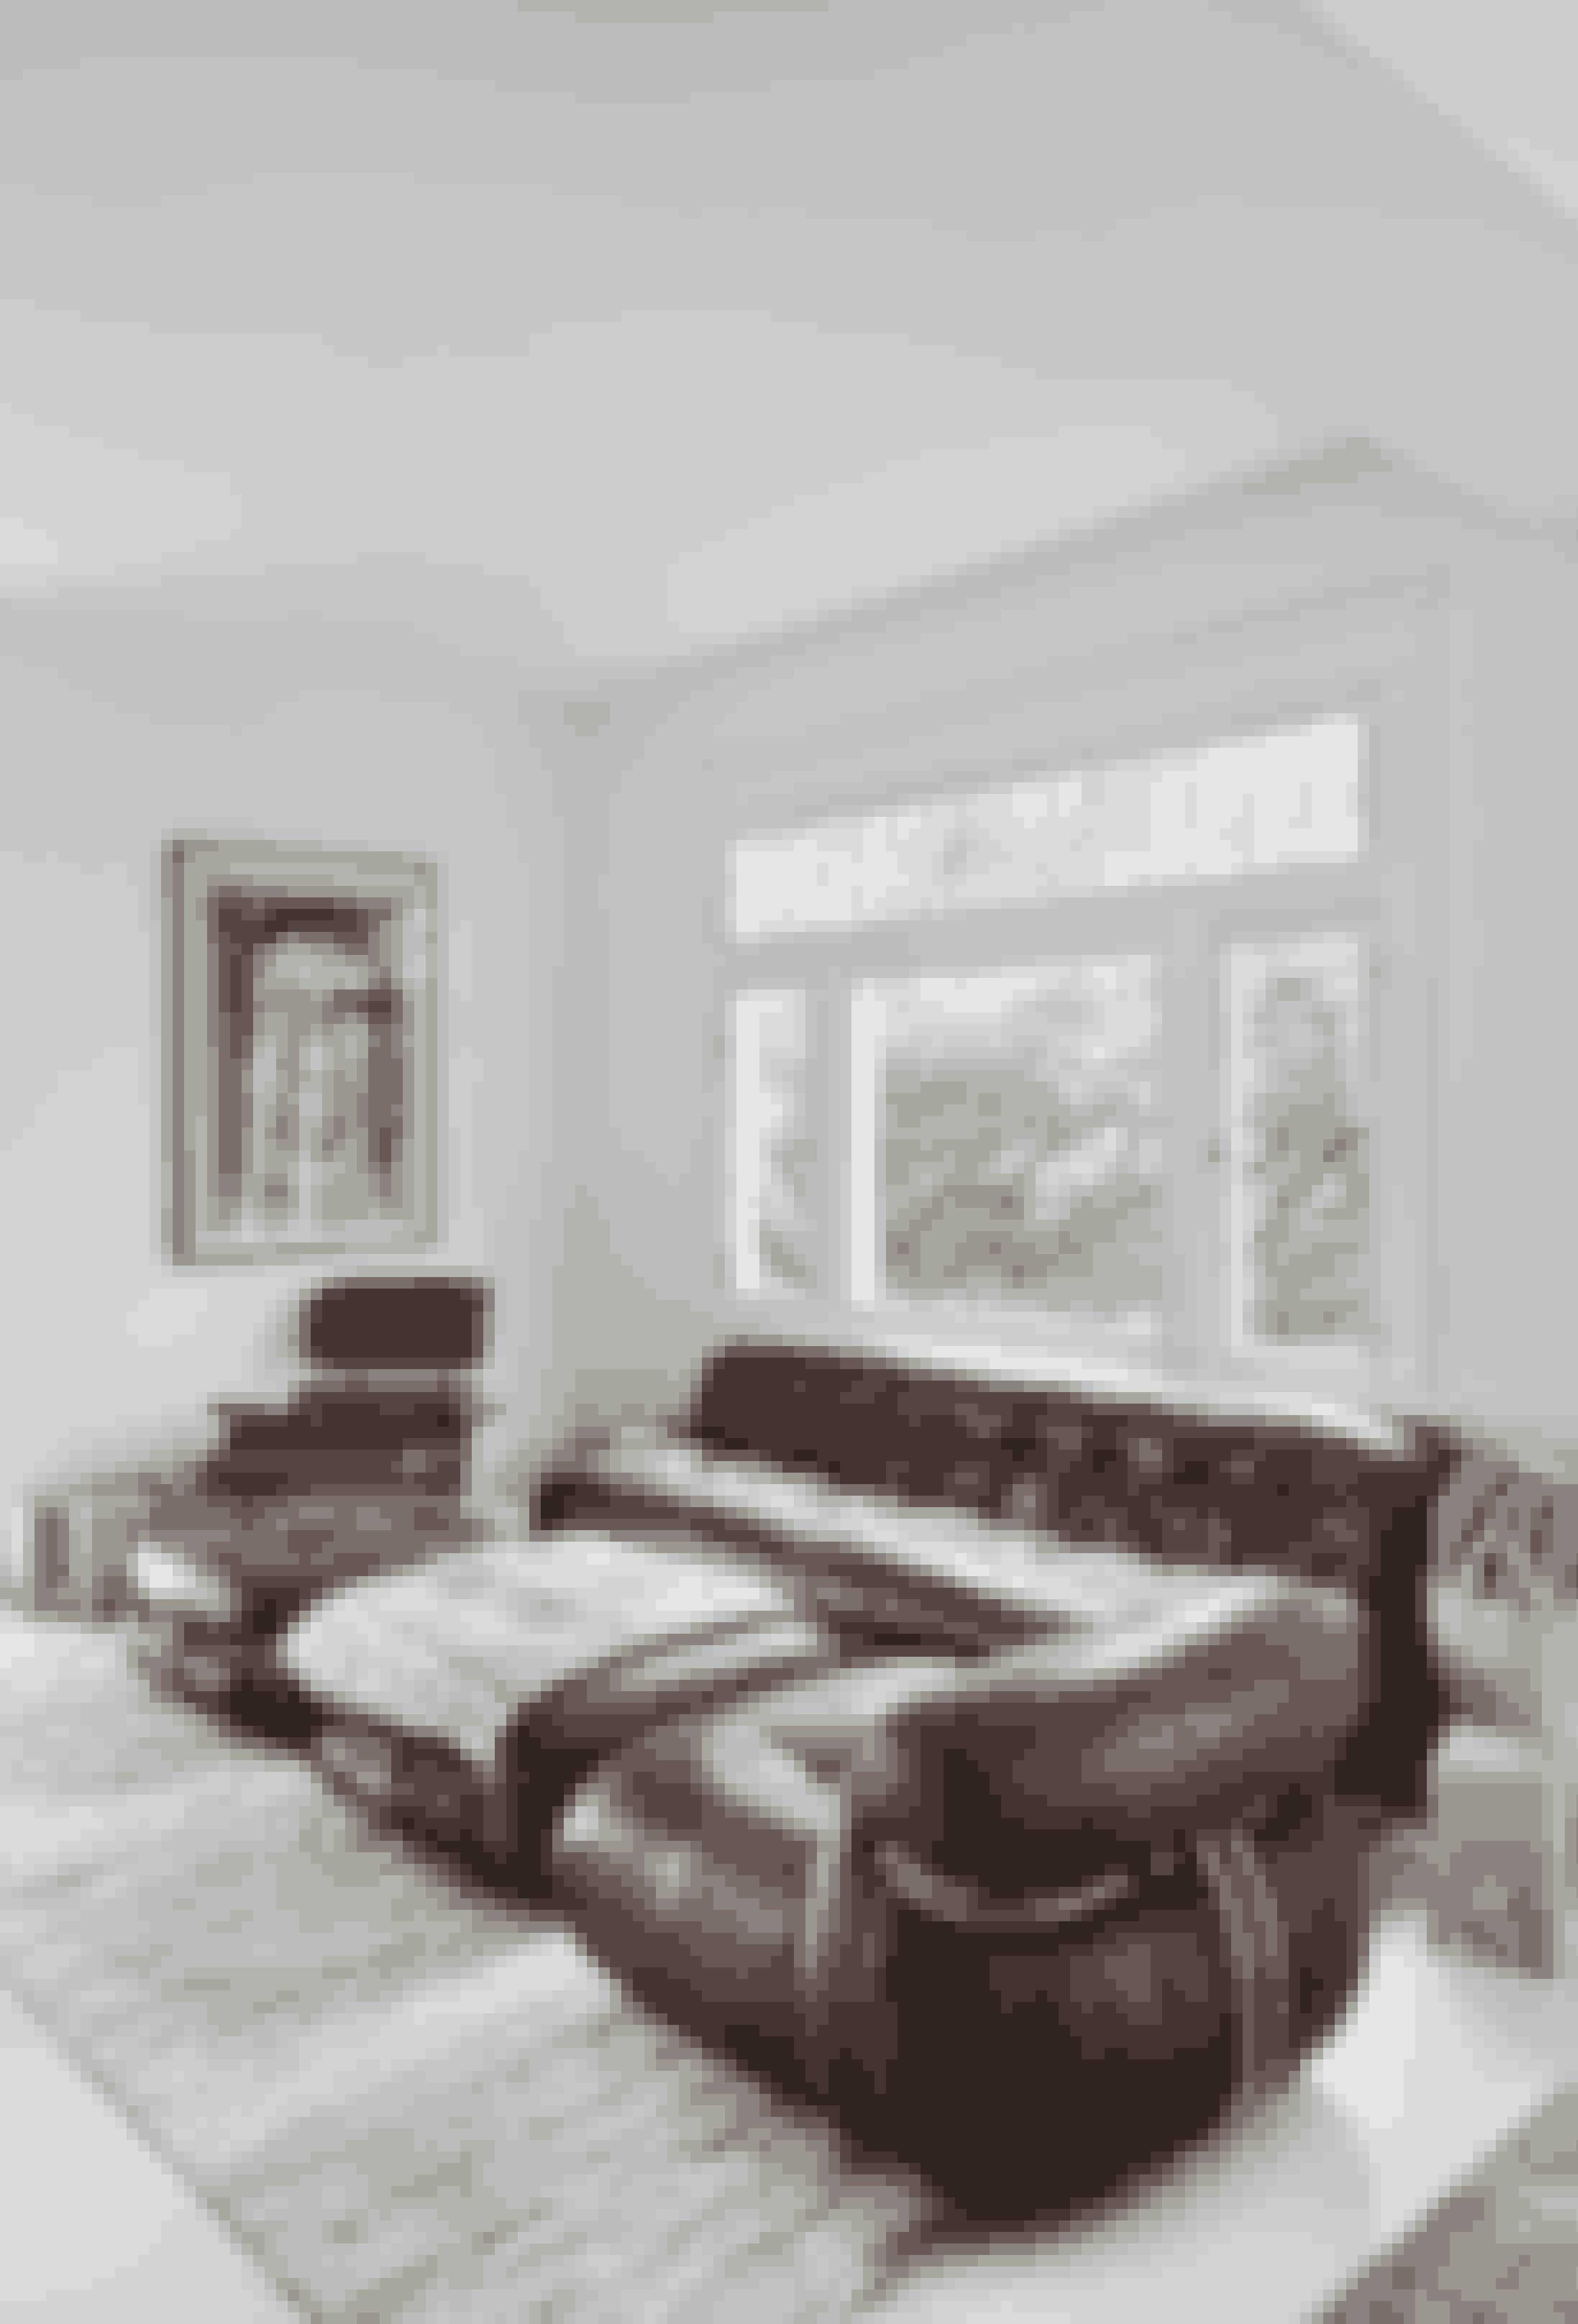 Hvis du ikke gider et rigtigt sofabord, kan du som her bruge en puf. Soriana-møblement fra 1970, bestående af sofa, lænestol og puf, er designet af Tobia Scarpa for Cassina. Plaid fra Pat McGann, og tæppe købt hos Rugs & Art. Den ikoniske lænestol er designet af Charles & Ray Eames, og taburetter er fra Kalon Studios.